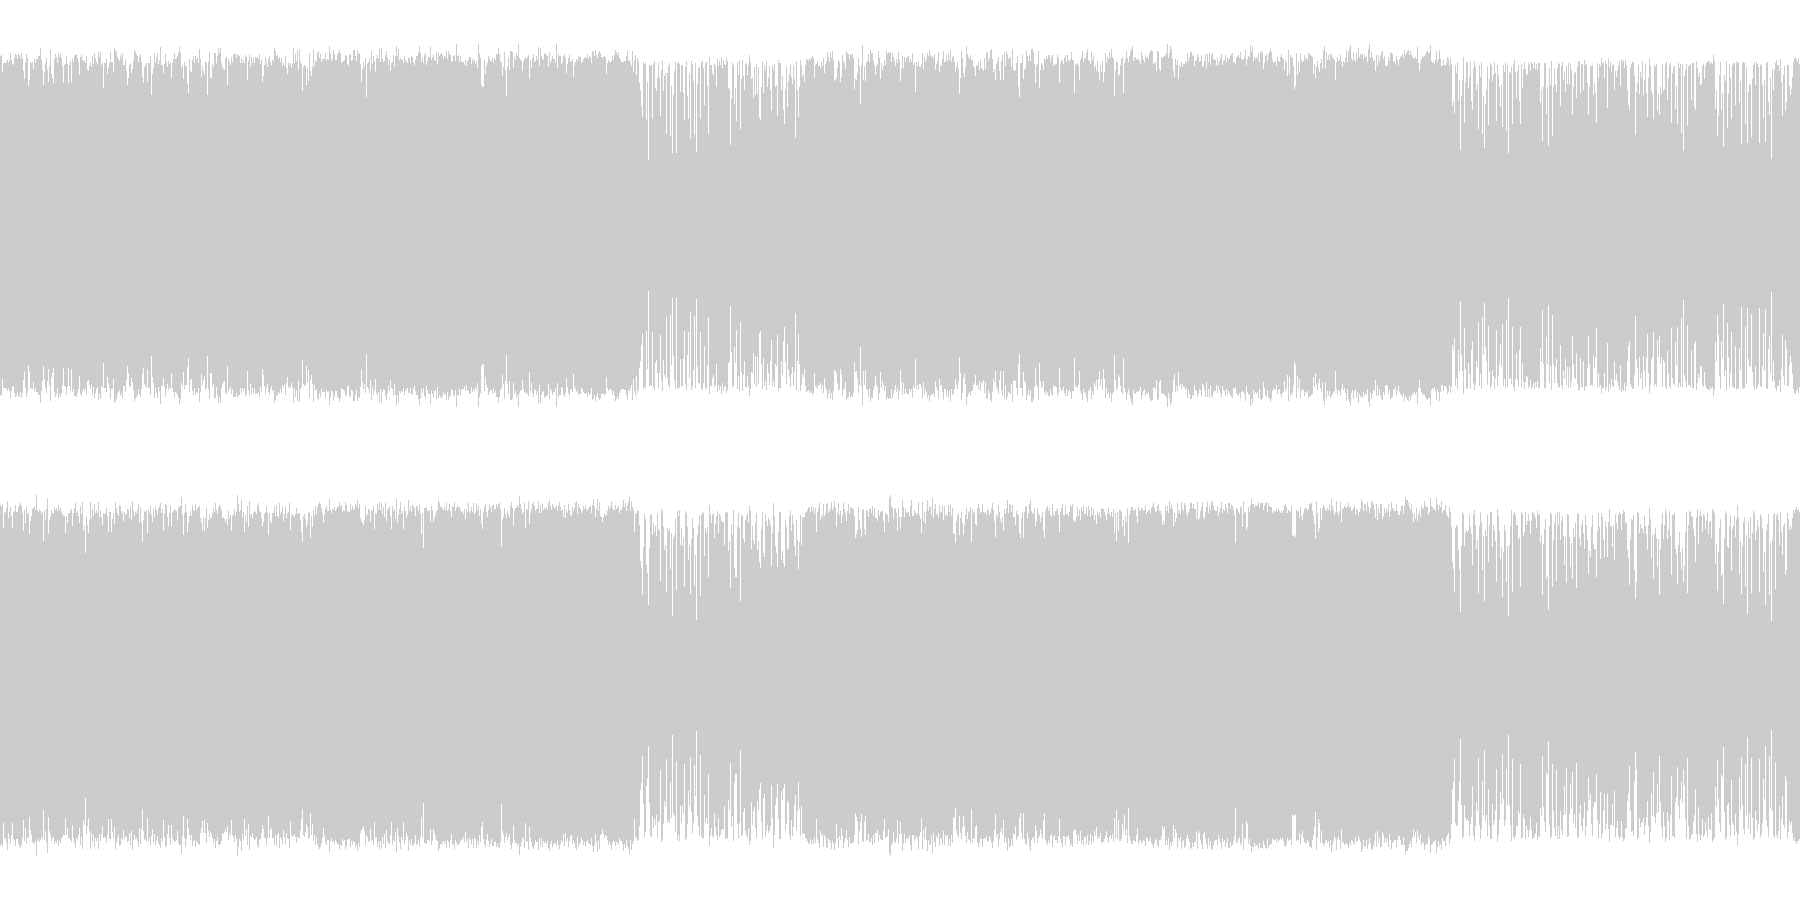 オーケストラ変拍子系の曲の未再生の波形